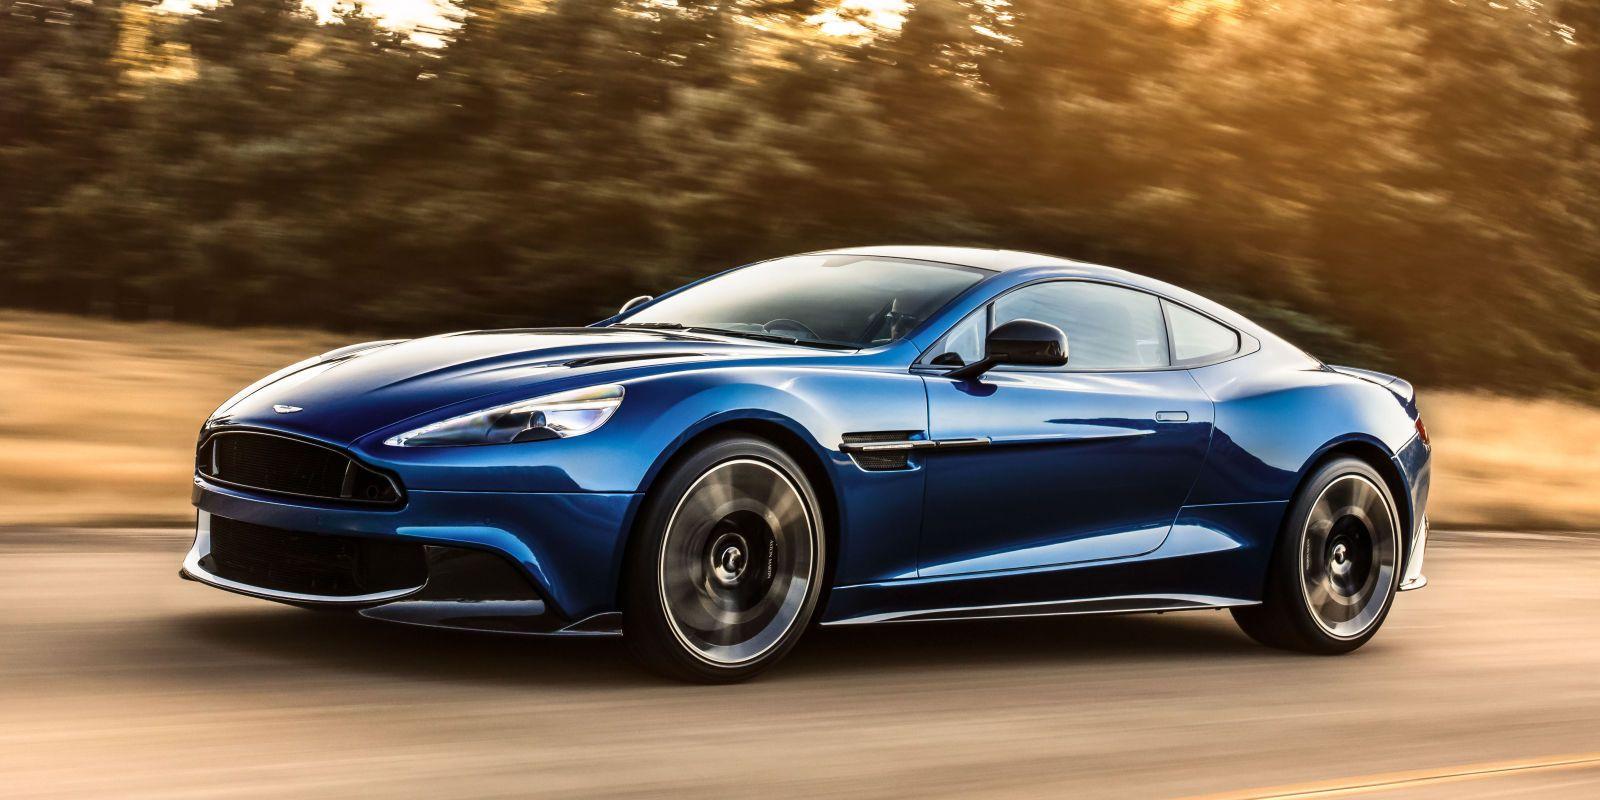 Meet The New 580 Horsepower Aston Martin Vanquish S Aston Martin Vanquish Aston Martin Aston Martin Cars